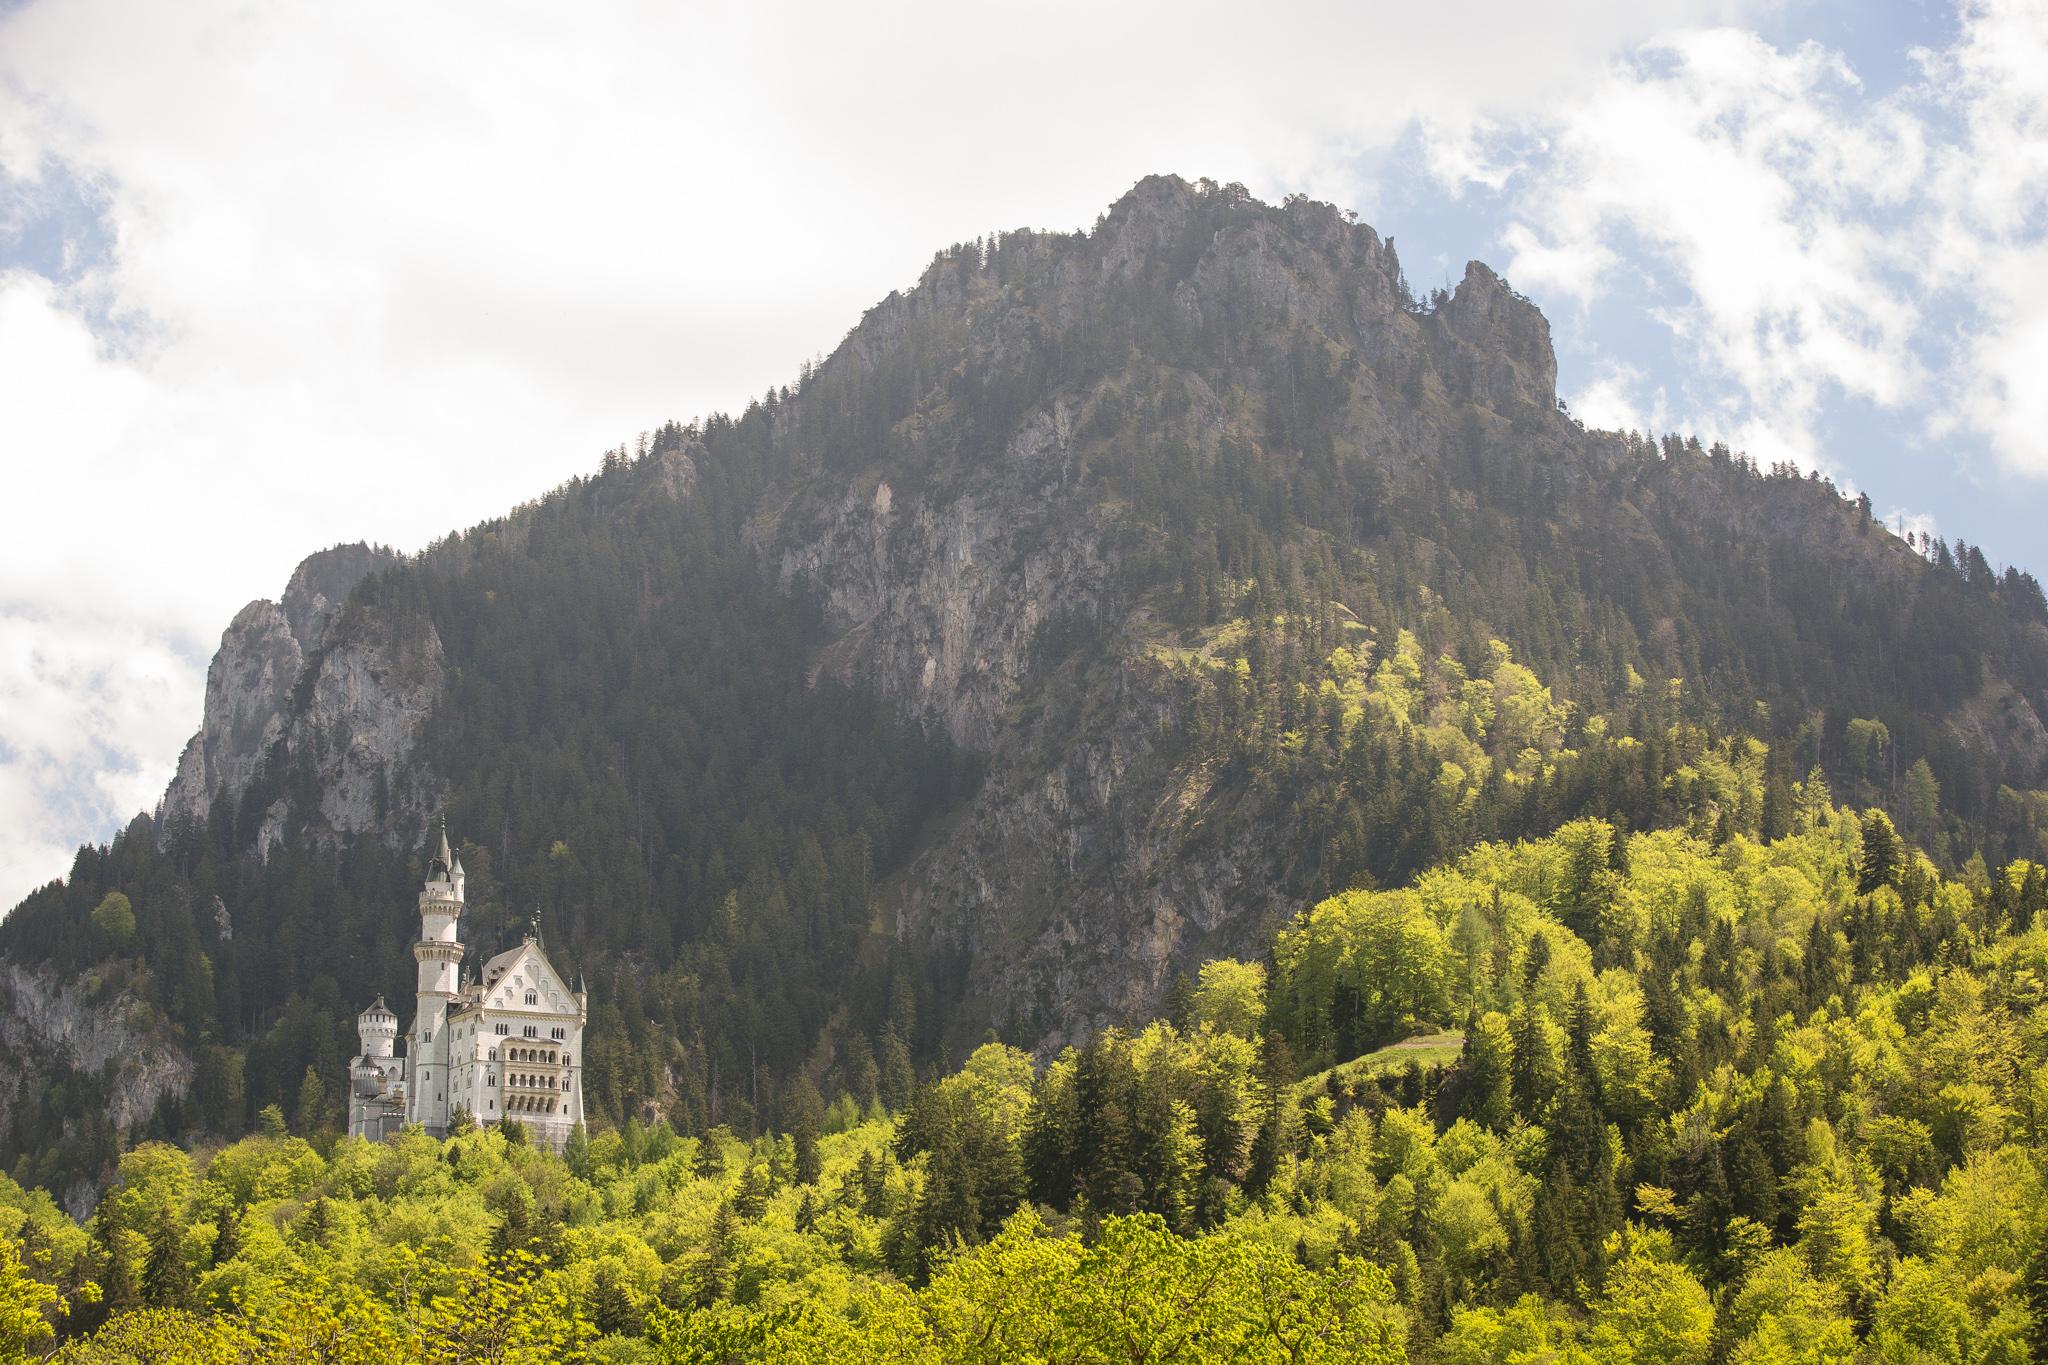 0512-bavarian-alps-landscape.jpg